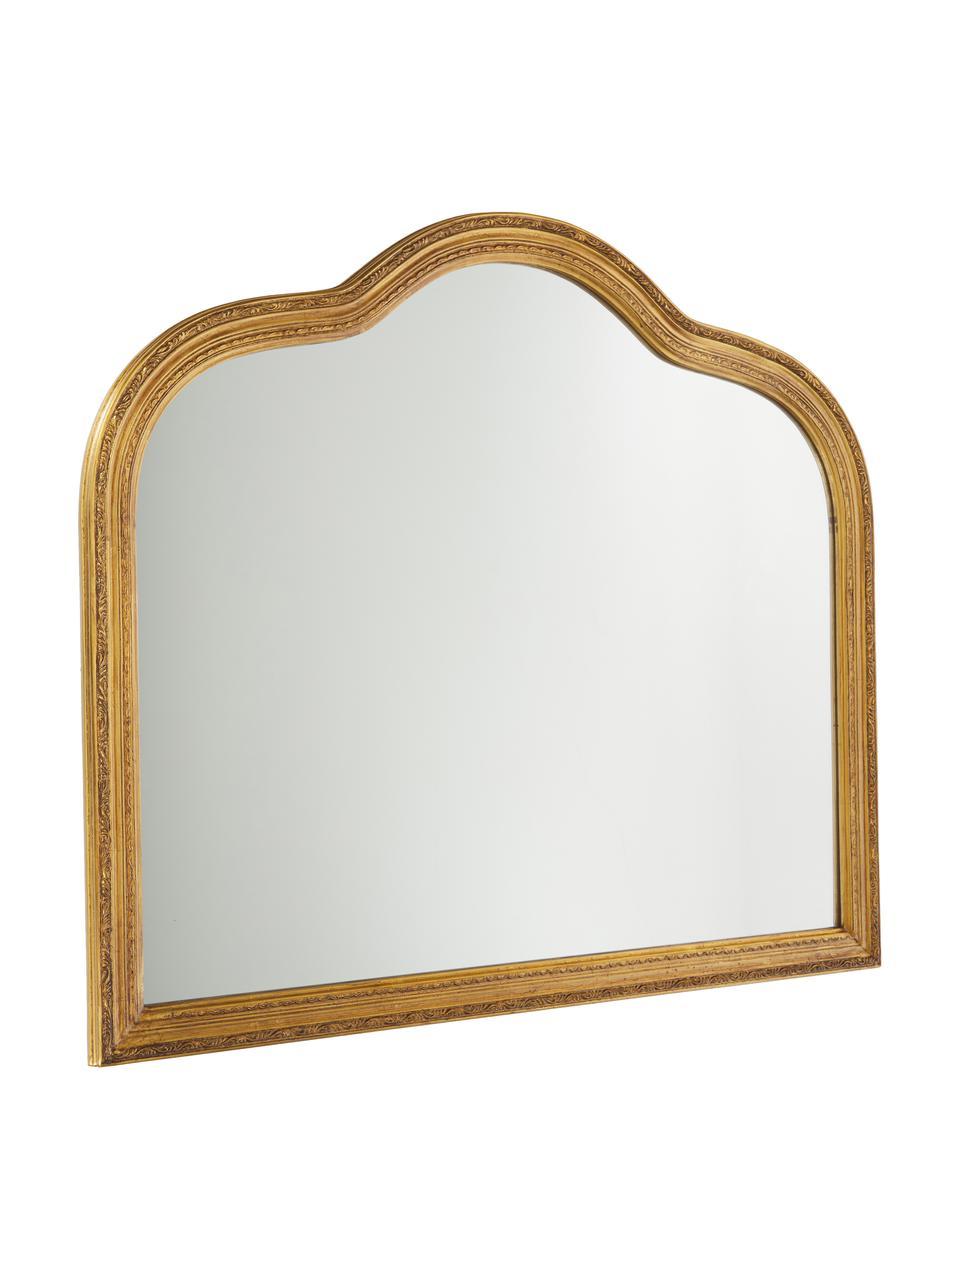 Barock-Wandspiegel Muriel, Rahmen: Massivholz mit Goldfolie , Spiegelfläche: Spiegelglas, Rückseite: Metall, Mitteldichte Holz, Gold, 90 x 77 cm